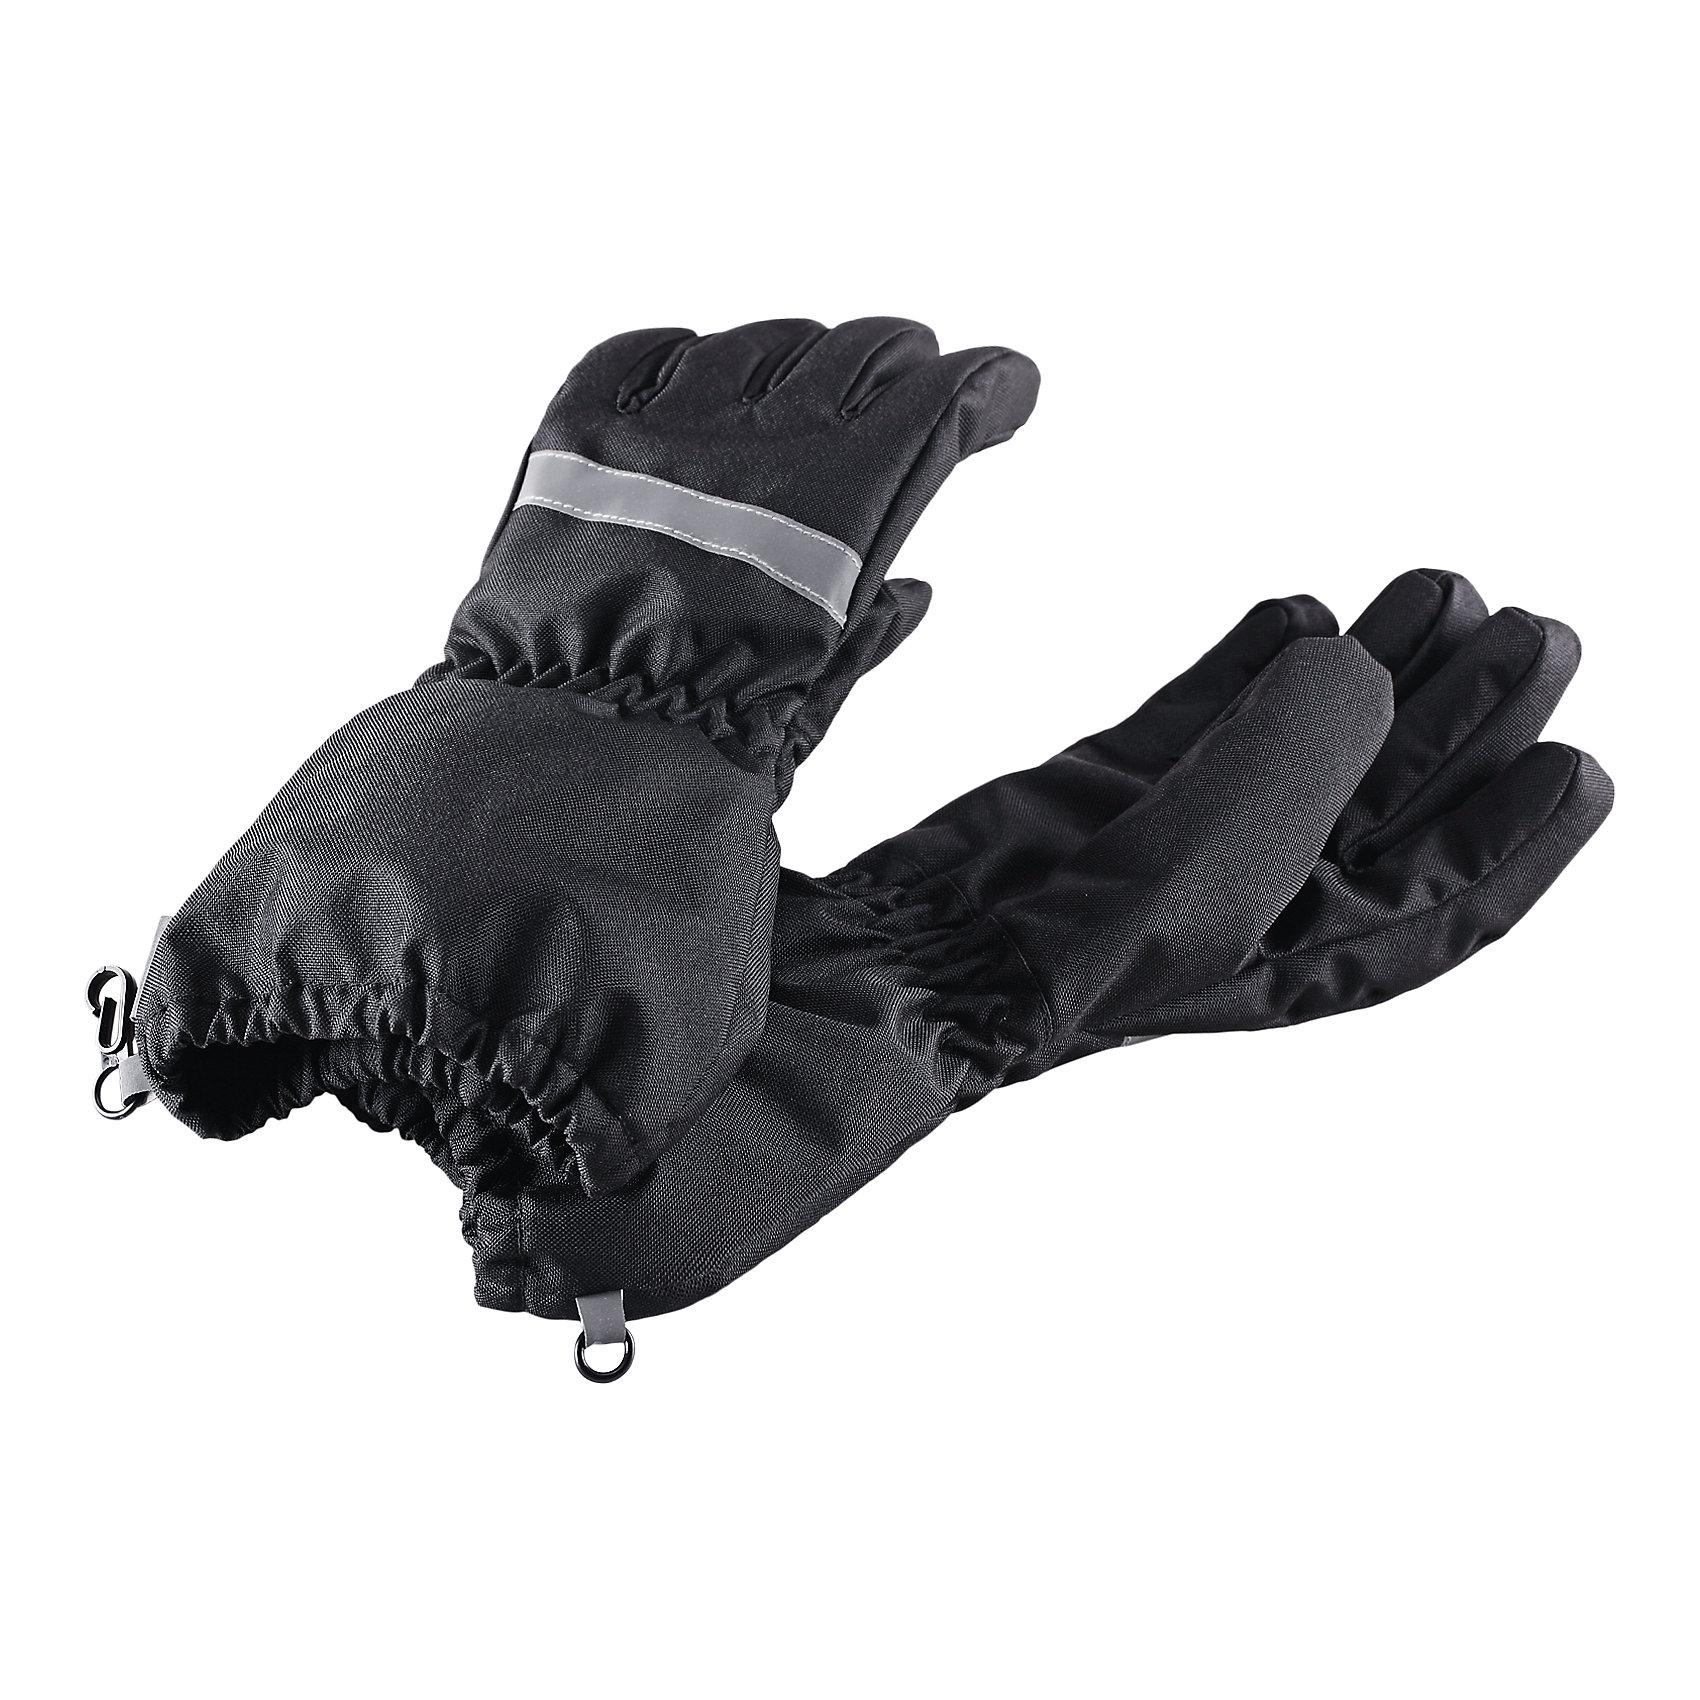 Перчатки LASSIEПерчатки, варежки<br>Зимние перчатки для детей известной финской марки.<br><br>- Сверхпрочный материал. Водоотталкивающий, ветронепроницаемый и грязеотталкивающий материал. <br>- Подкладка из полиэстера с начесом. <br>- Средняя степень утепления.<br>-  Безопасные светоотражающие детали. Светоотражающая эмблема Lassie®.  <br><br>Рекомендации по уходу: Полоскать без специального средства. Сушить при низкой температуре.<br><br> Состав: 100% Полиамид, полиуретановое покрытие.  Утеплитель «Lassie wadding» 120гр.<br><br>Ширина мм: 162<br>Глубина мм: 171<br>Высота мм: 55<br>Вес г: 119<br>Цвет: черный<br>Возраст от месяцев: 120<br>Возраст до месяцев: 144<br>Пол: Унисекс<br>Возраст: Детский<br>Размер: 6,3,4,5<br>SKU: 4780653